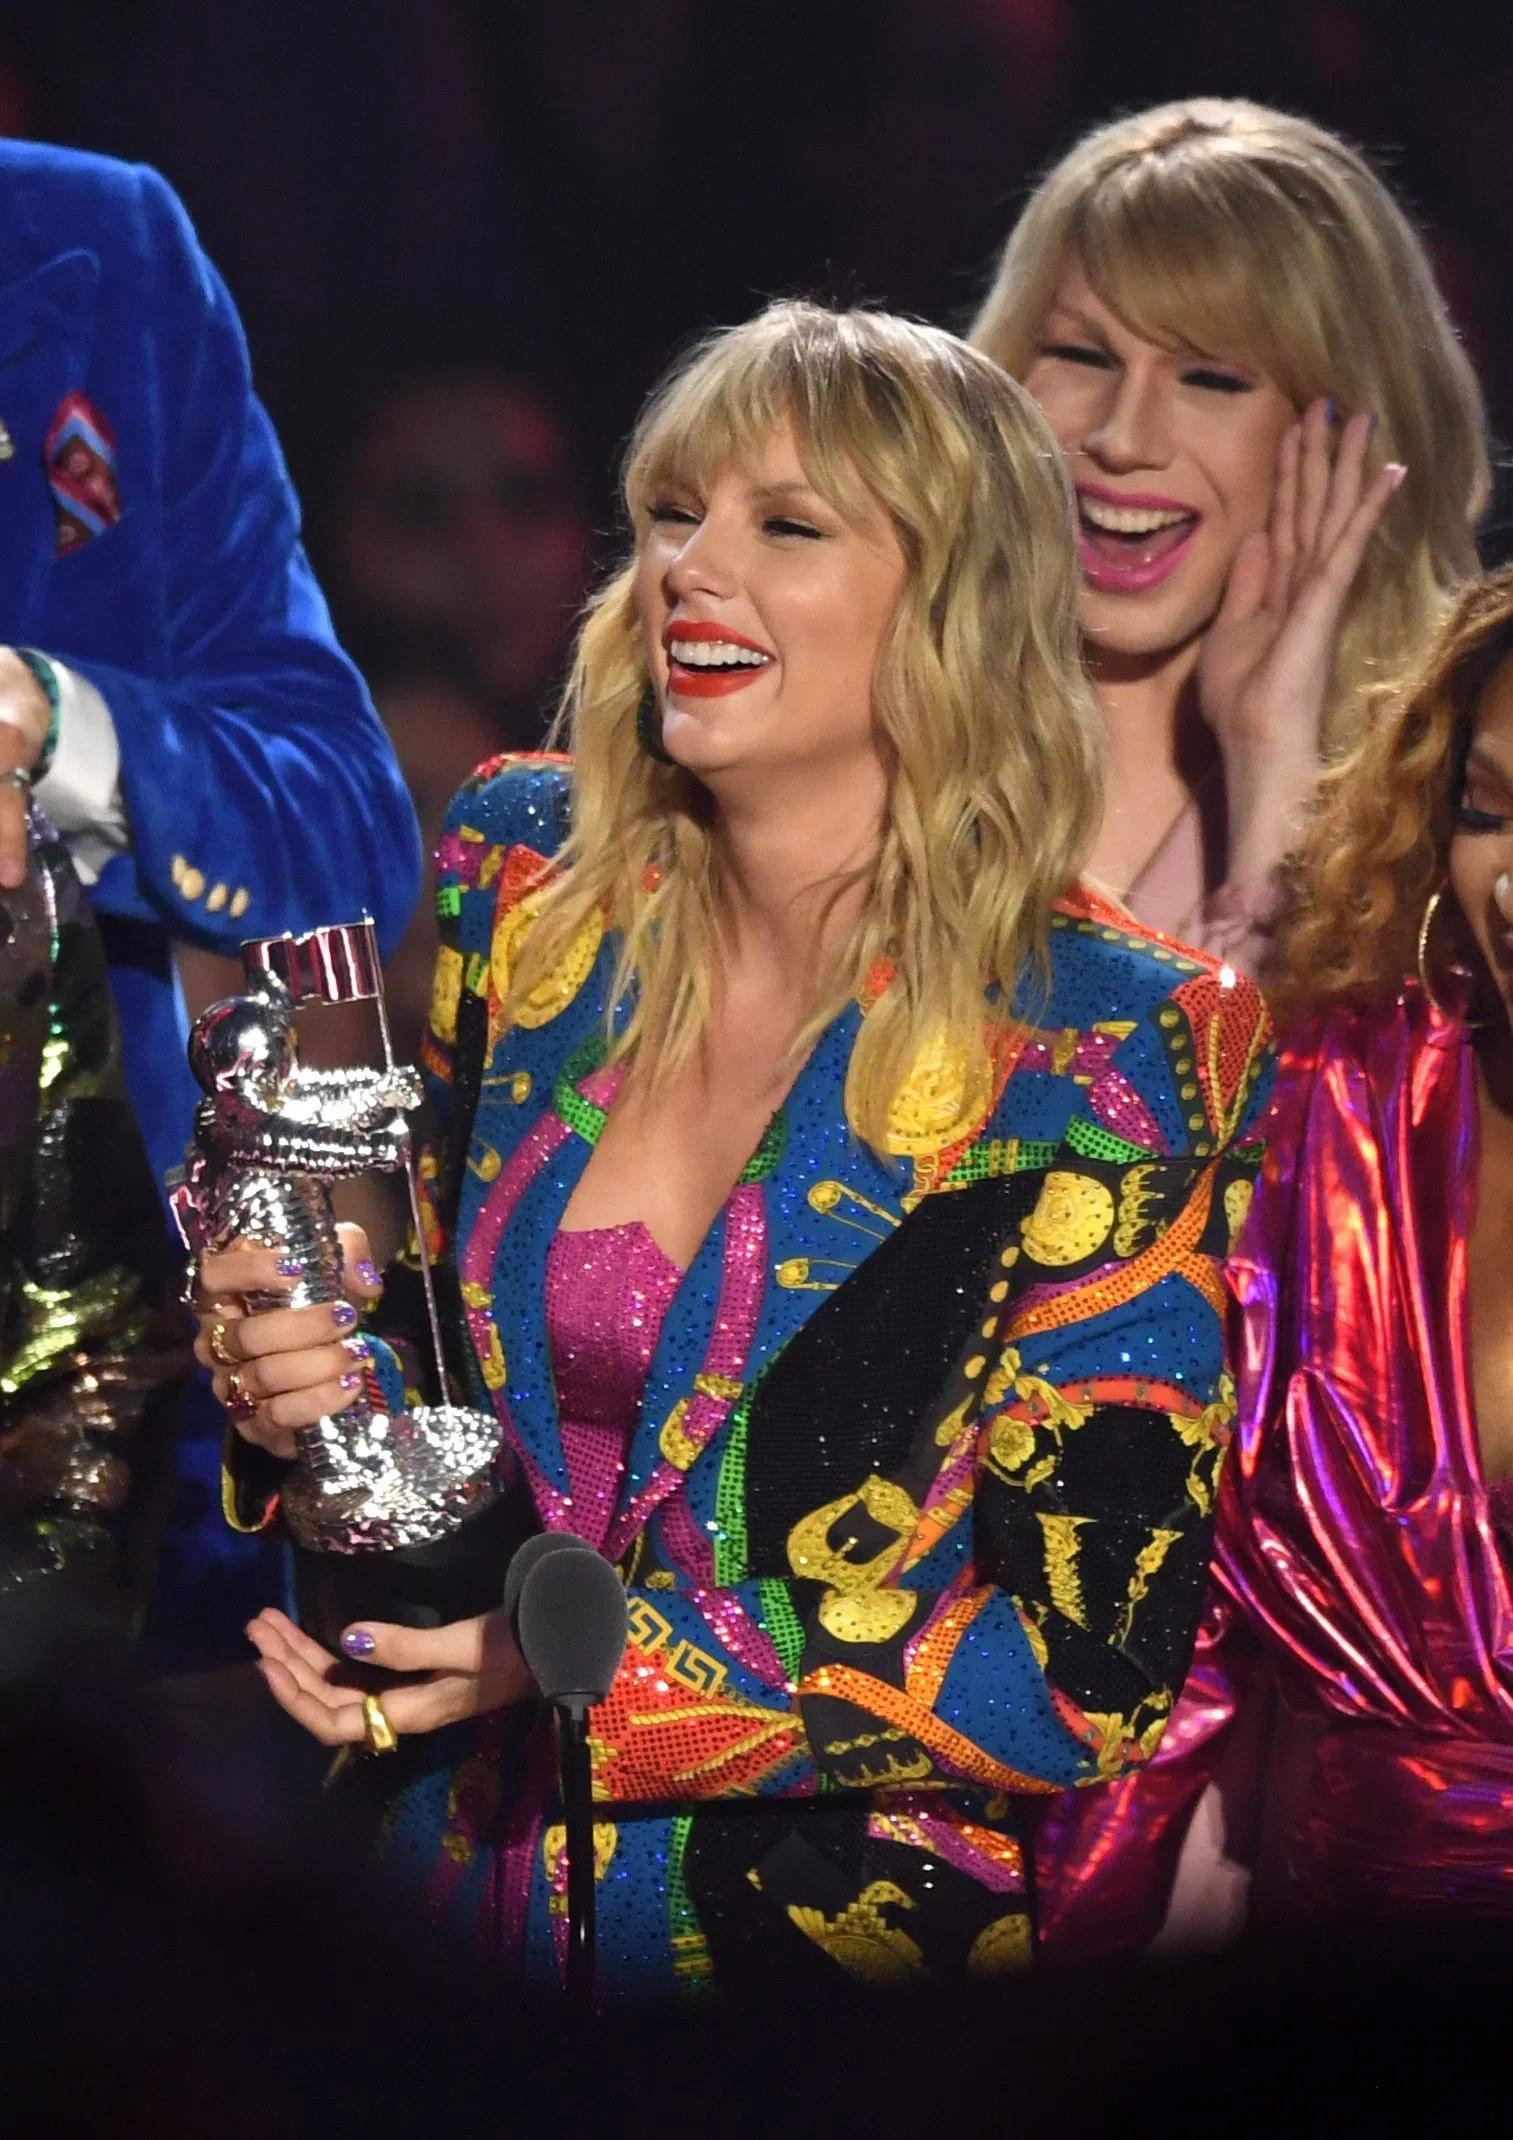 Danh sách giải thưởng MTV VMAs: Taylor Swift đại thắng, Ariana Grande ngồi nhà vẫn rinh cúp Nghệ sĩ của năm